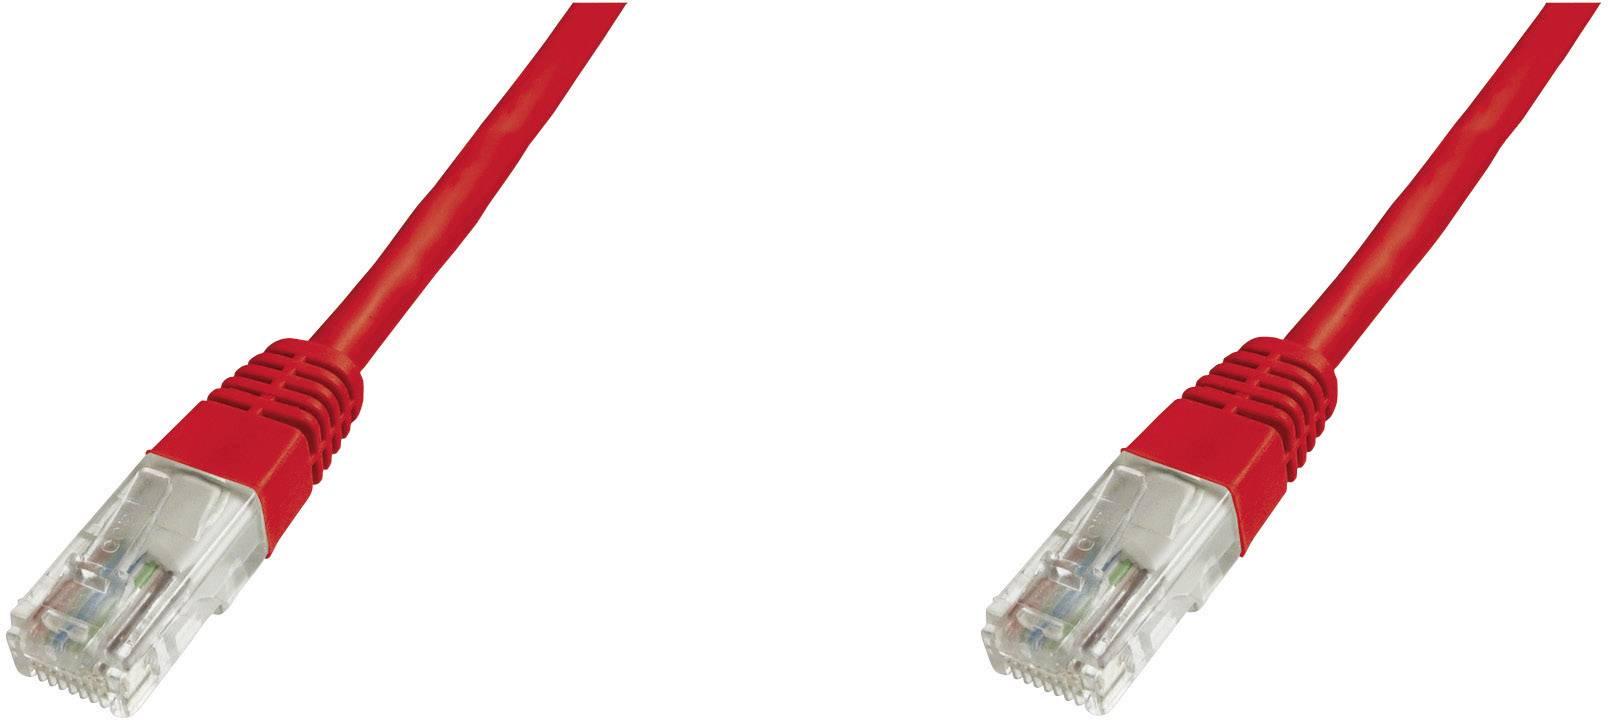 Sieťový prepojovací kábel RJ45 Digitus Professional DK-1511-010/R, CAT 5e, U/UTP, 1 m, červená